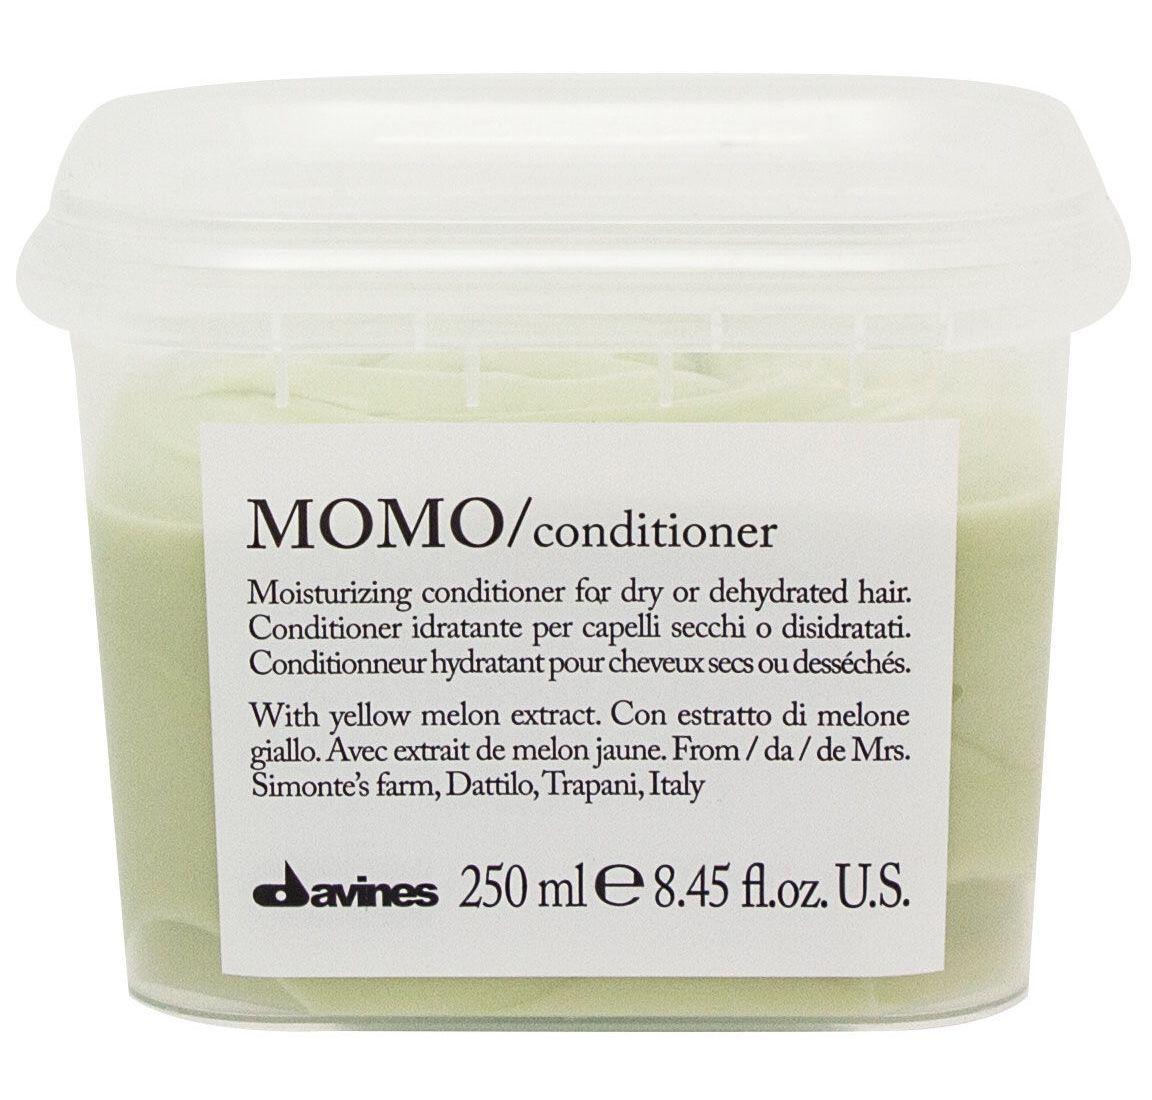 Davines Увлажняющий кондиционер, облегчающий расчесывание волос Essential Haircare New Momo Conditioner, 250 мл увлажняющий мусс davines more inside авторские продукты для стайлинга 250 мл